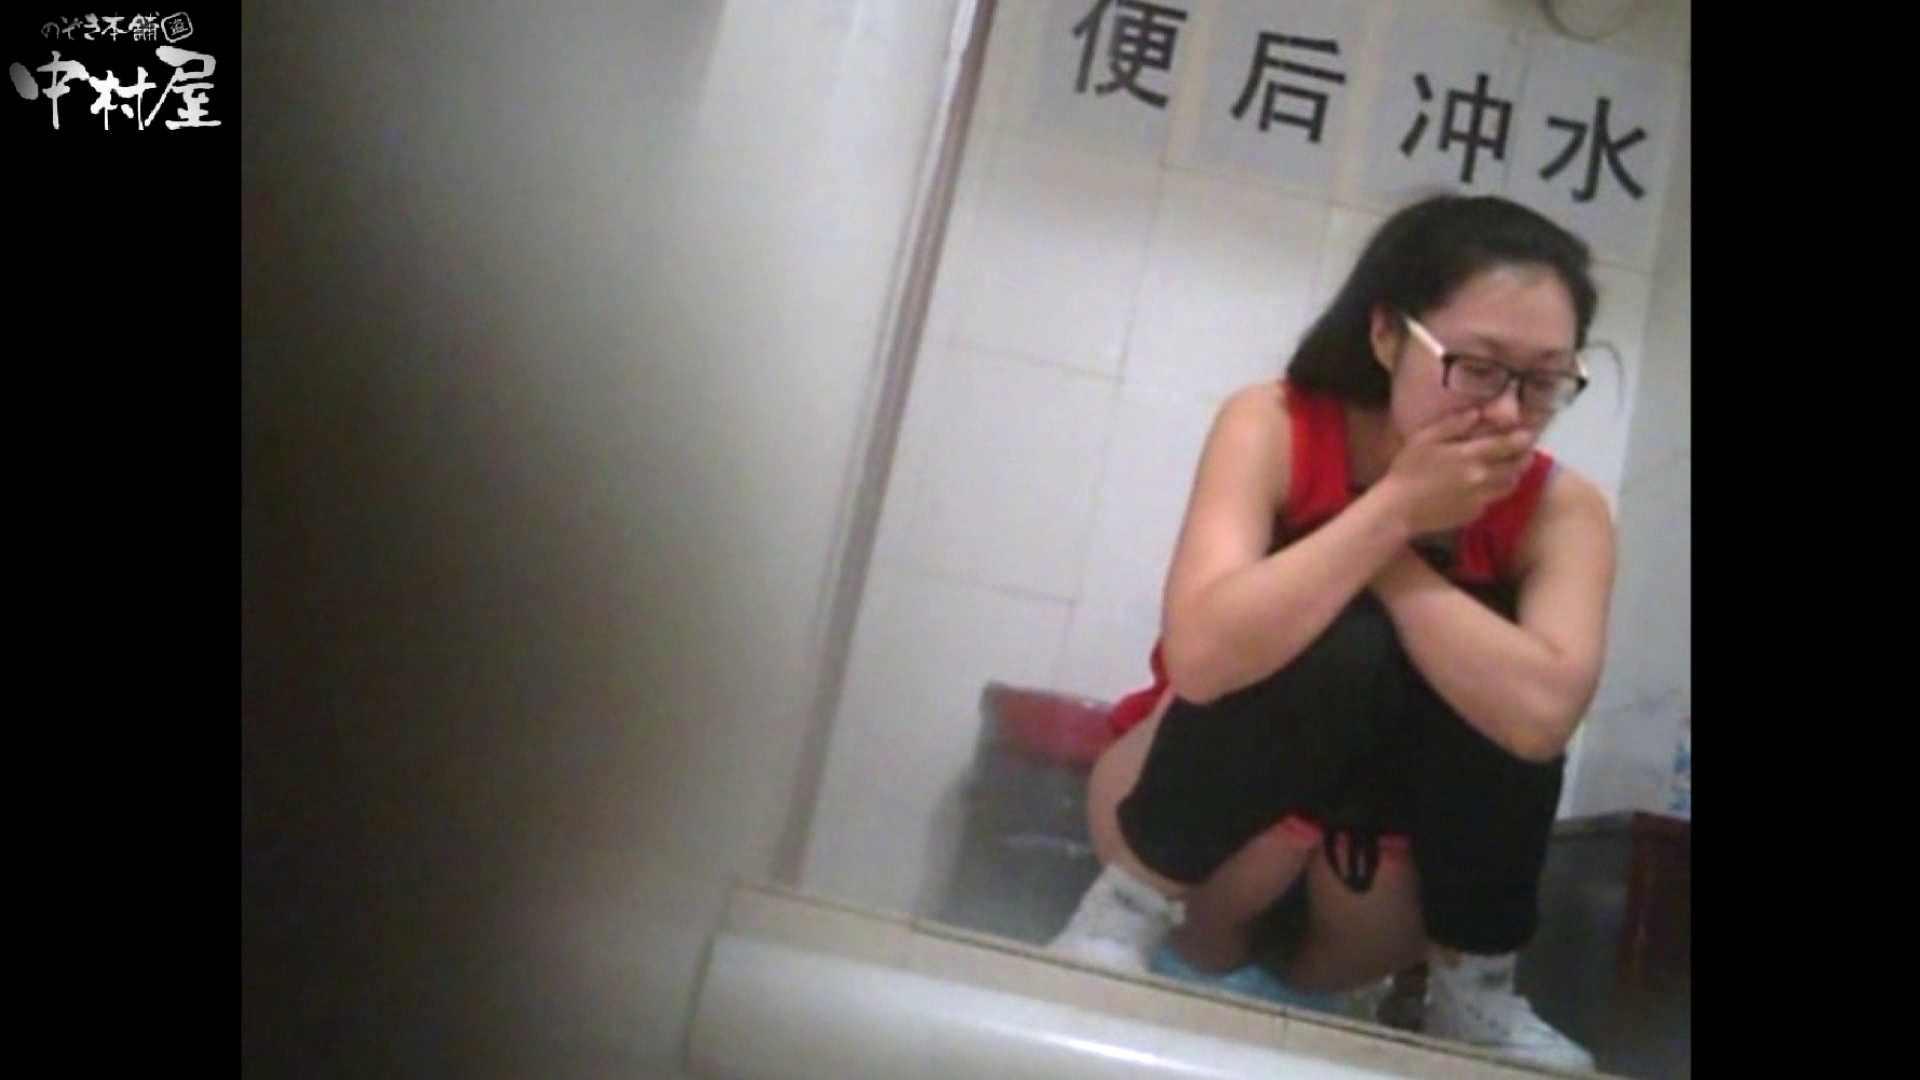 李さんの盗撮日記 Vol.12 トイレハメ撮り えろ無修正画像 10pic 3